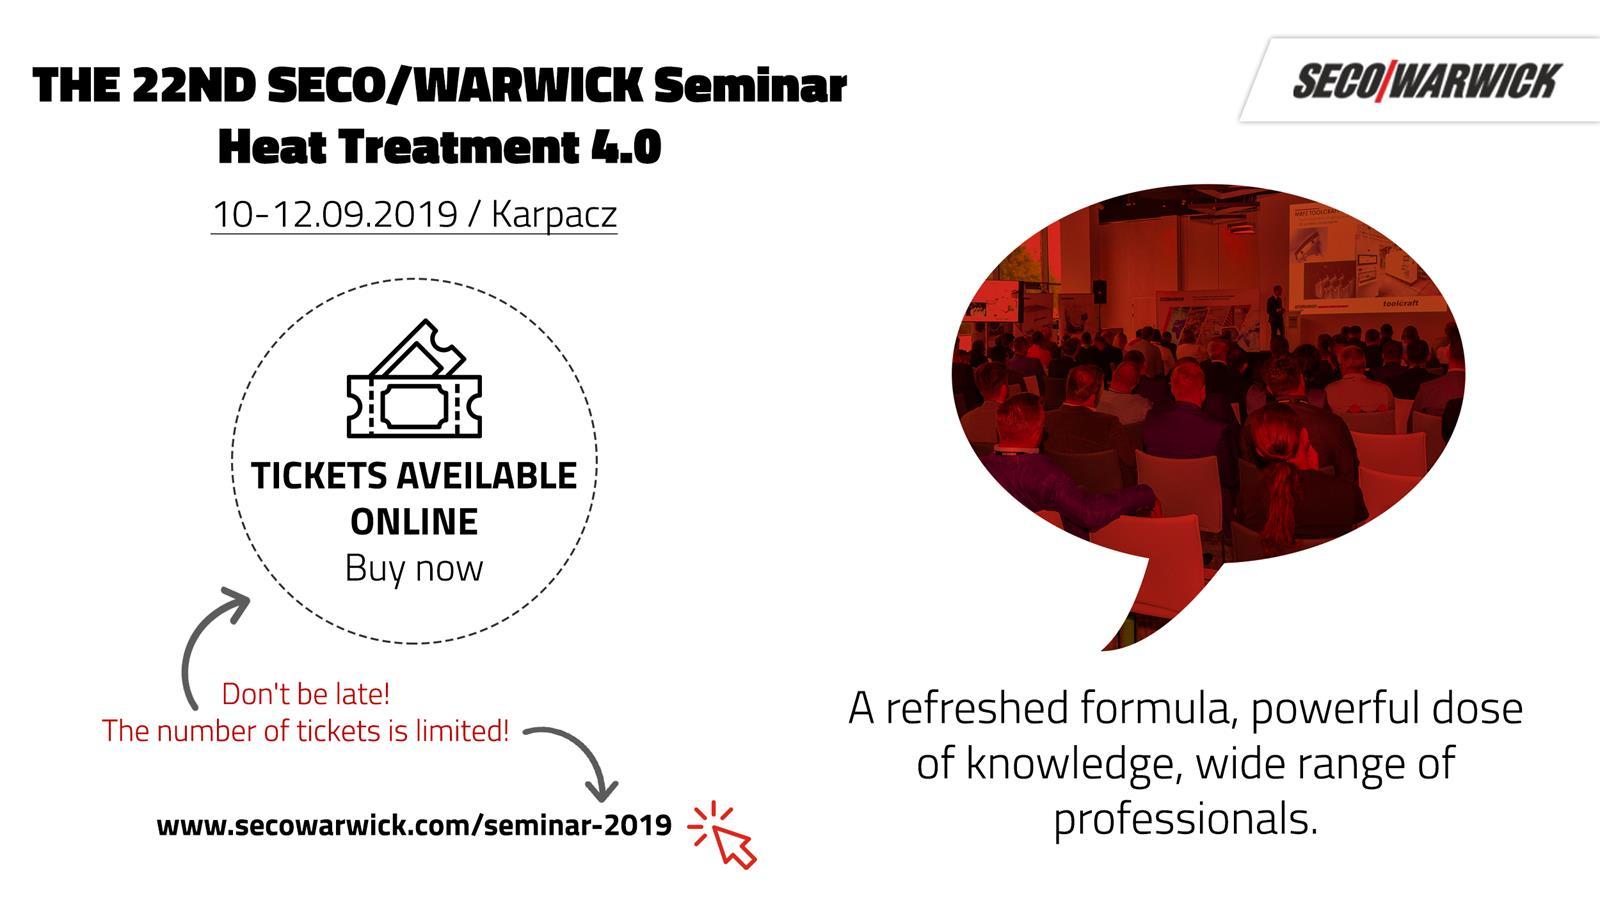 22nd Seco/Warwick Seminar Heat treatment 4.0